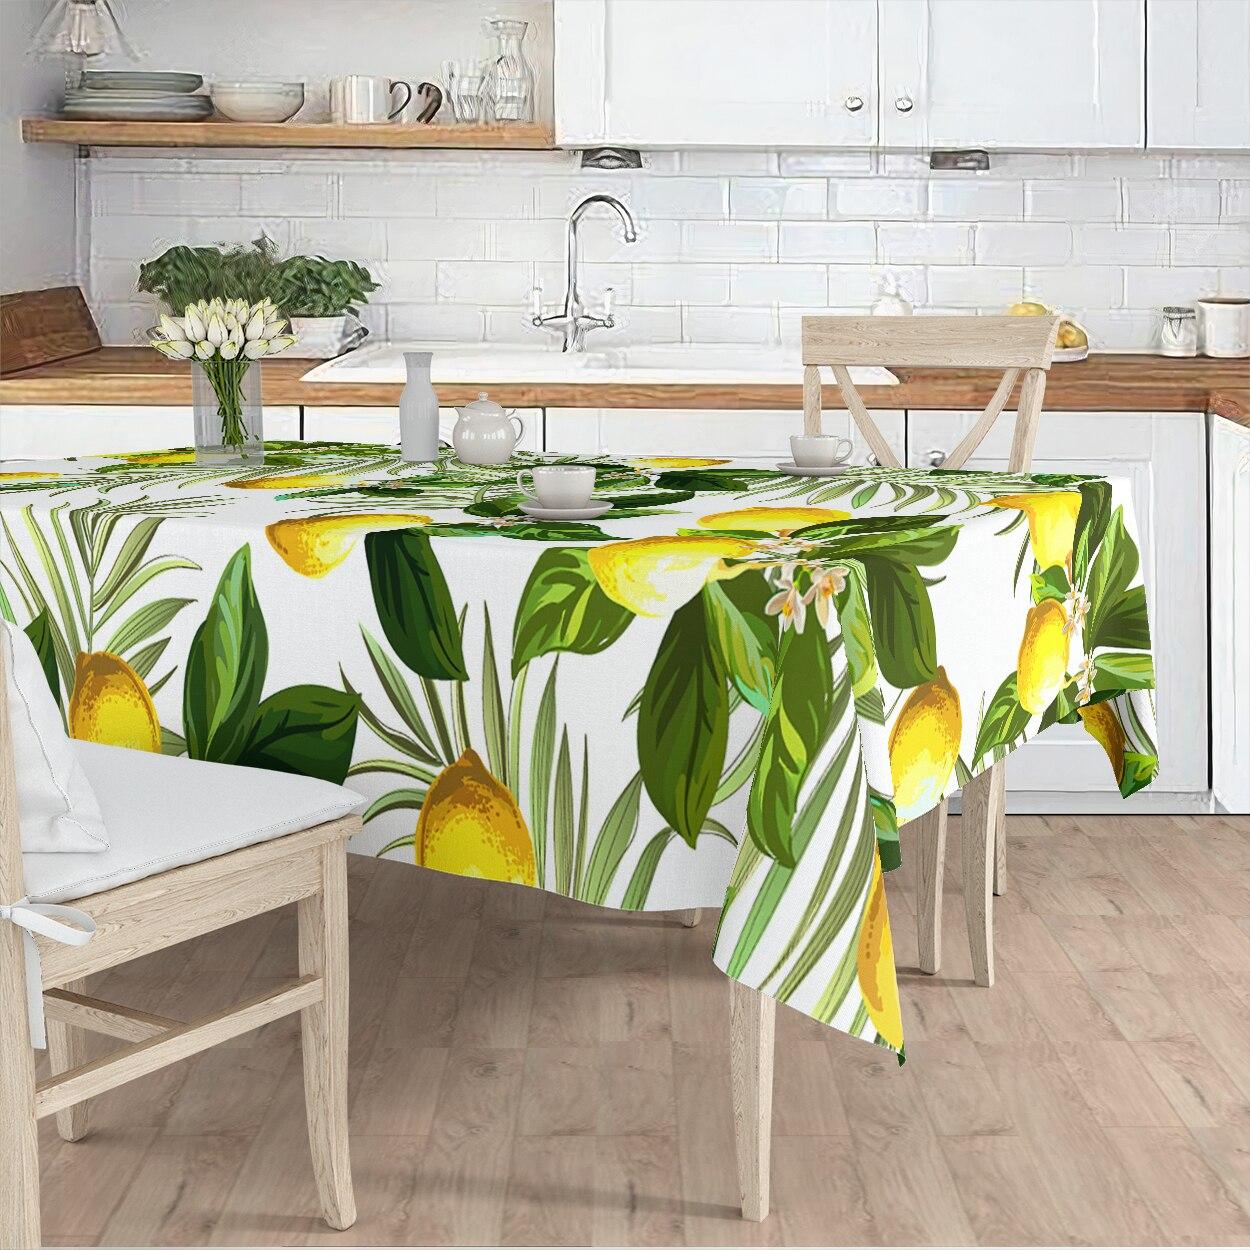 مفرش المائدة غرفة المعيشة المطبخ الأبيض الليمون ورقة الأصفر الأخضر منقوشة مايكرو غطاء من القماش عداء نمط شحن مجاني